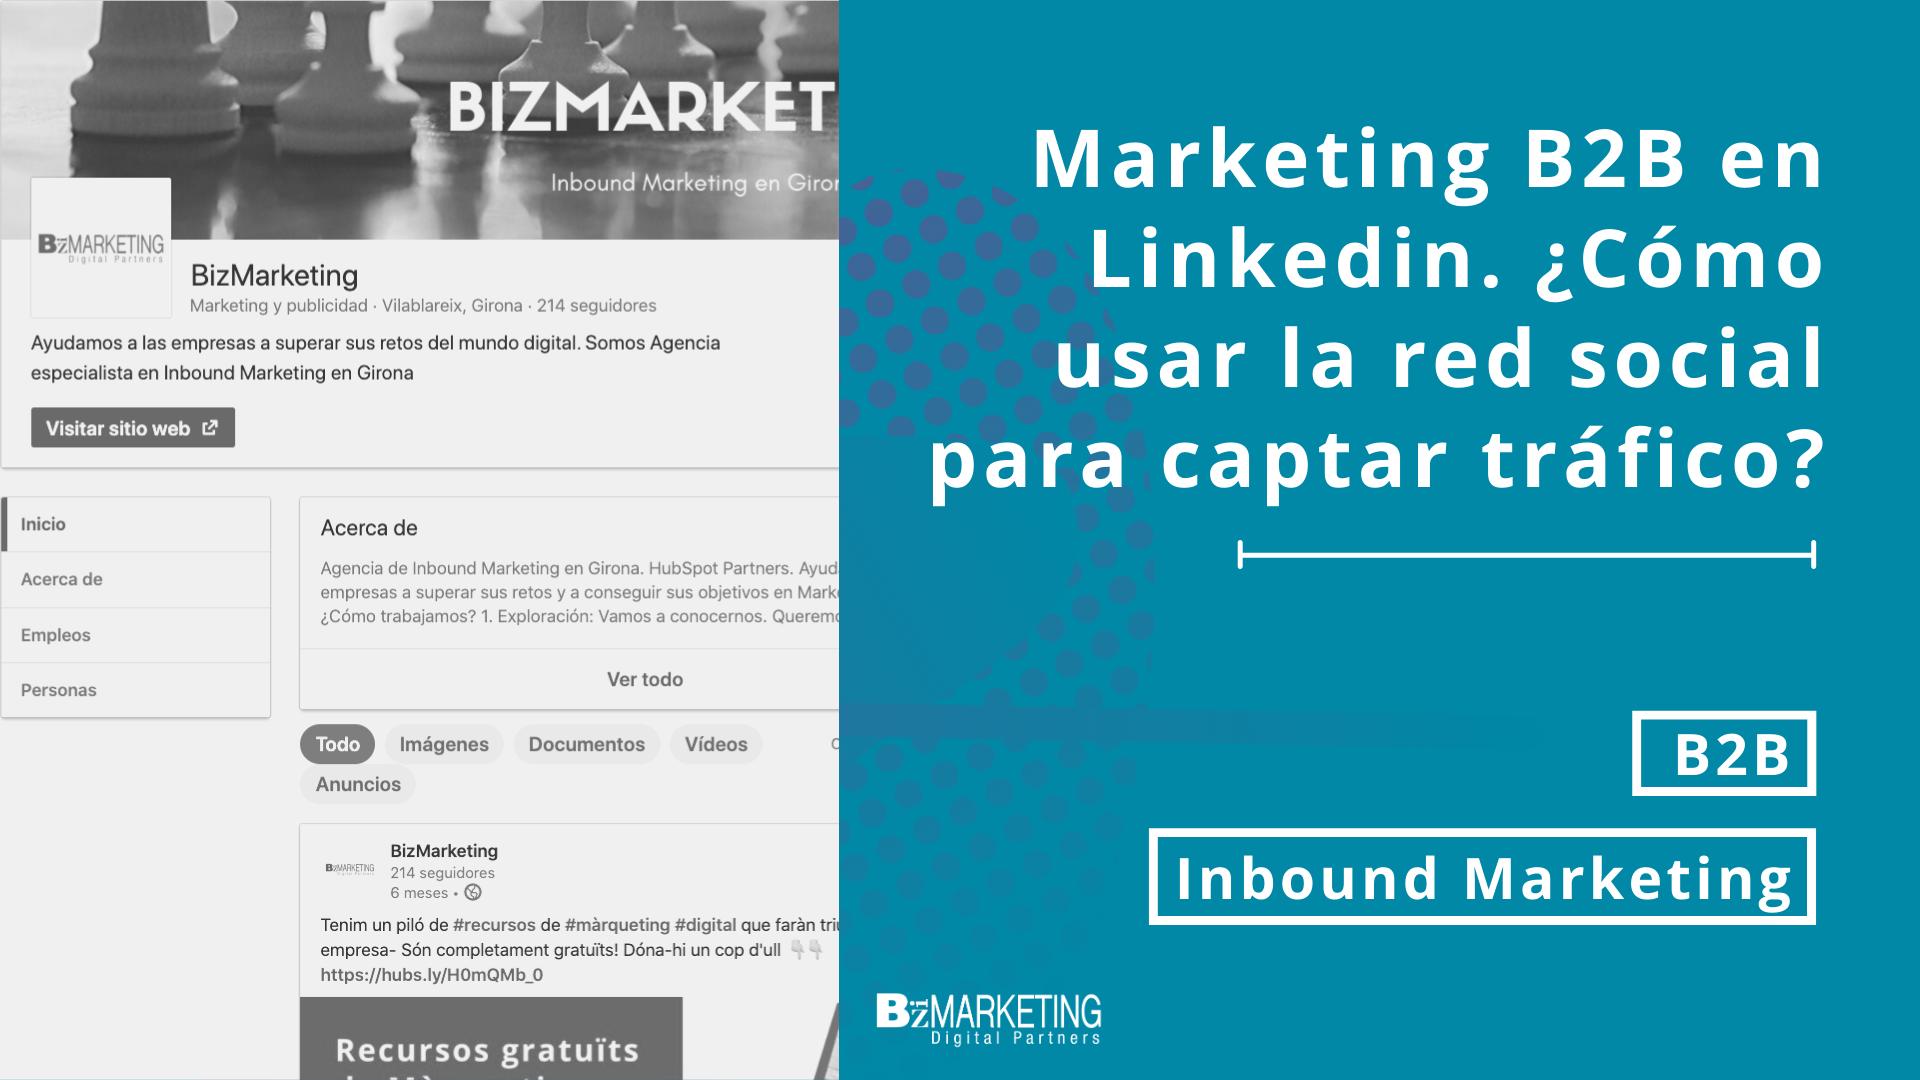 Marketing B2B en Linkedin. ¿Cómo usar la red para captar tráfico?